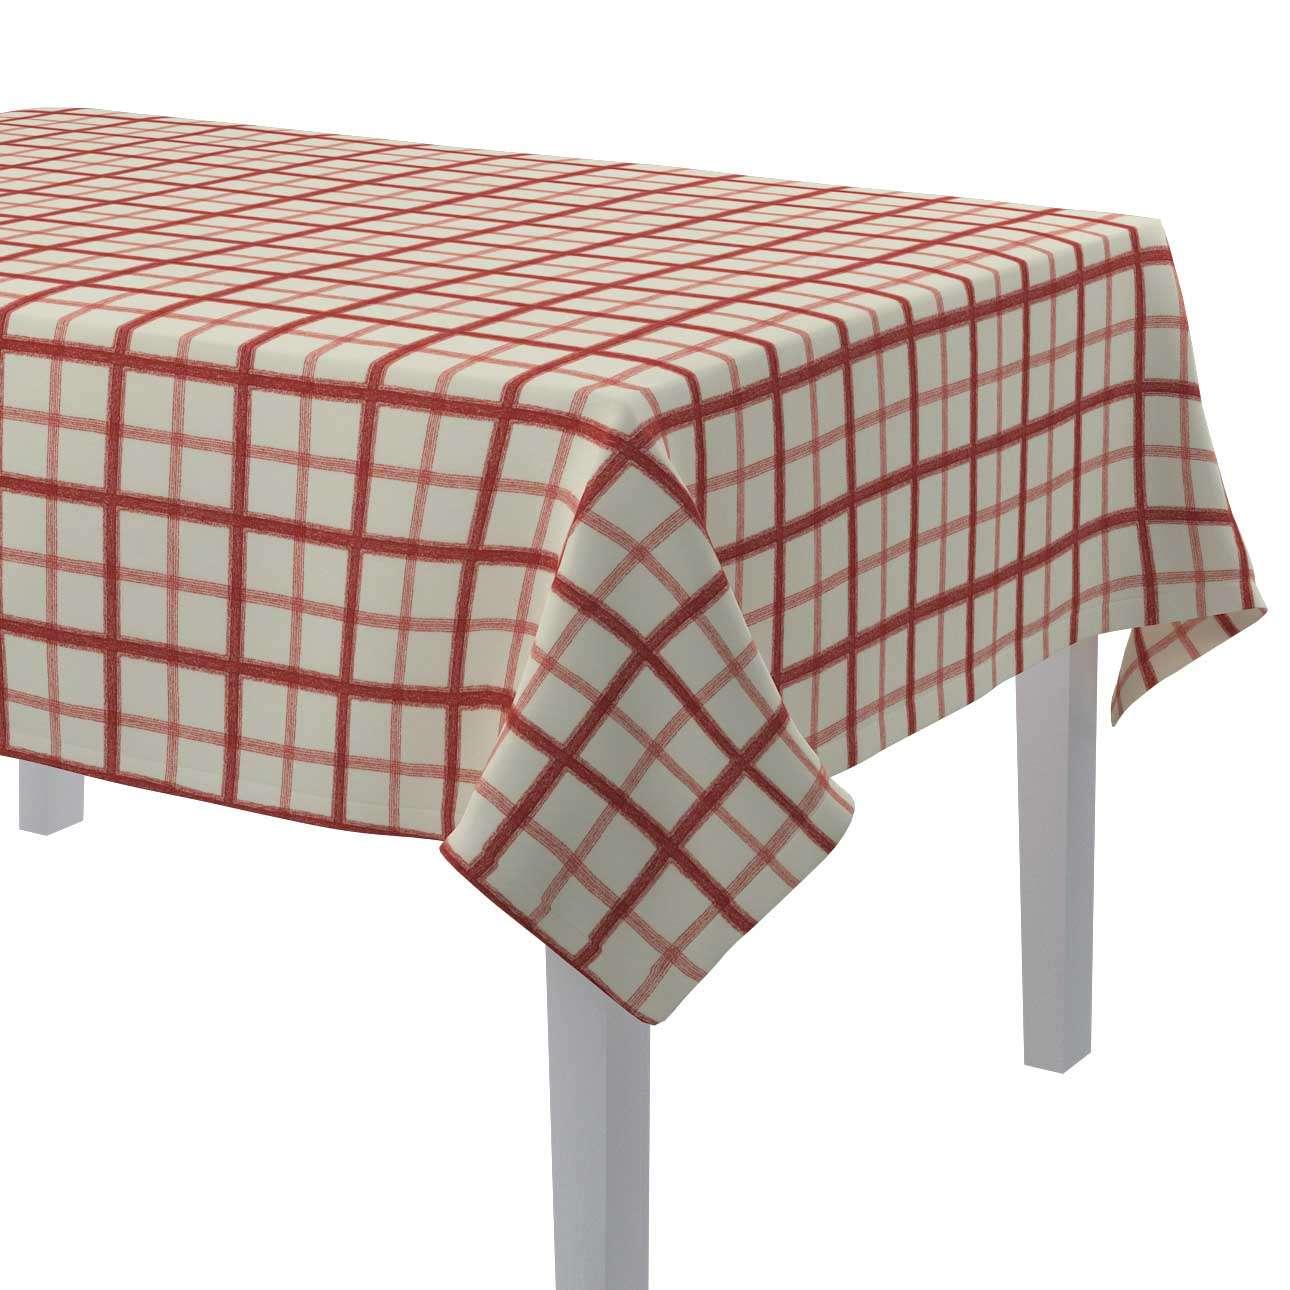 Rechteckige Tischdecke 130 x 130 cm von der Kollektion Avinon, Stoff: 131-15